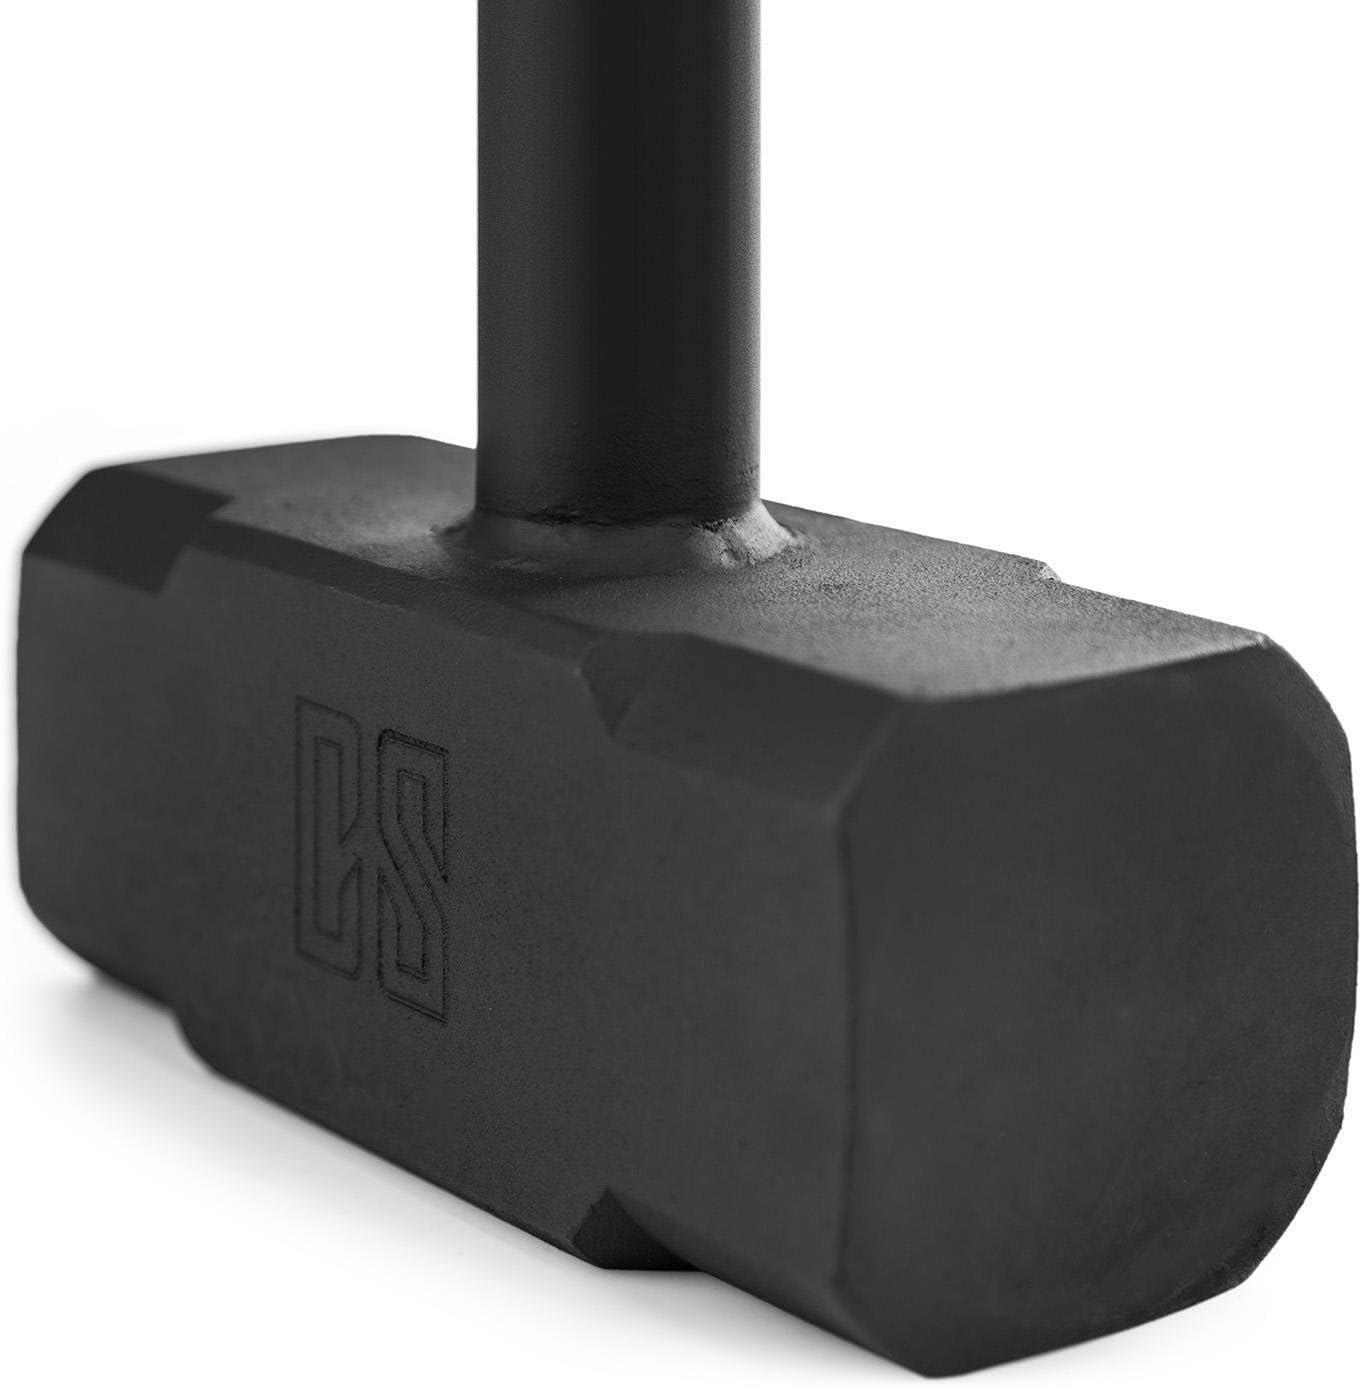 Griffl/änge: 86 cm Gym-Hammer Fester Gripp schwarz Gewicht: 6-25 kg Capital Sports Big Knock Training Hammer Stahlguss Griffdurchmesser: 3-4 cm Fitness-Hammer